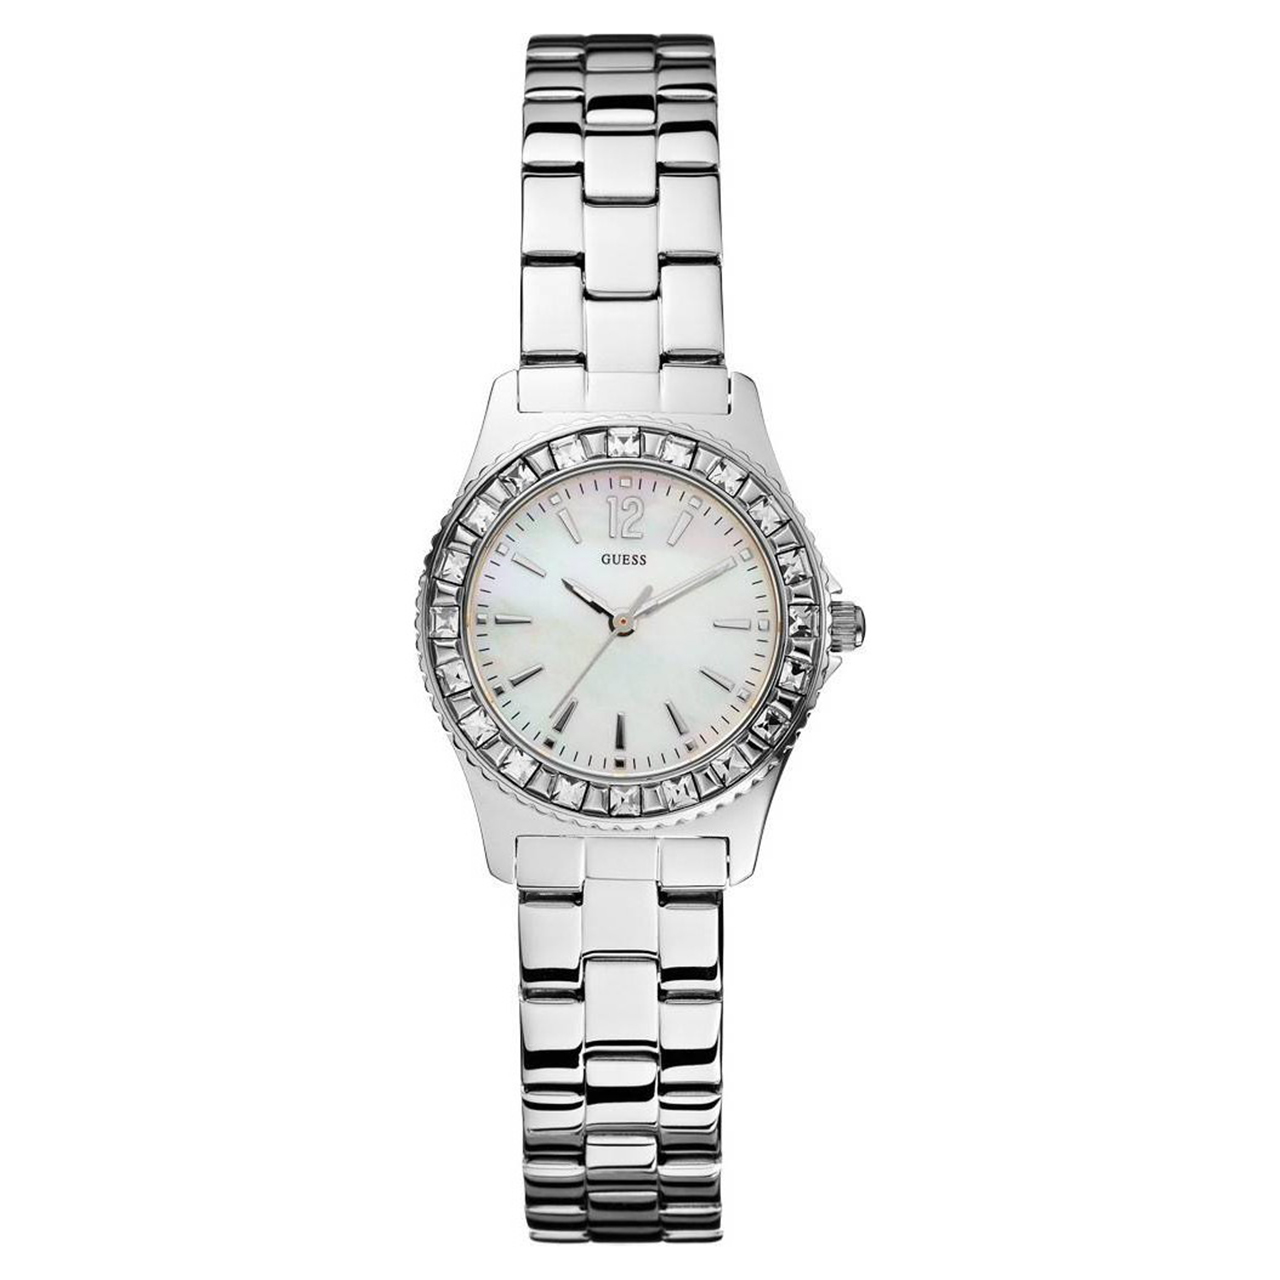 ساعت مچی عقربه ای زنانه گس مدل W0025L1